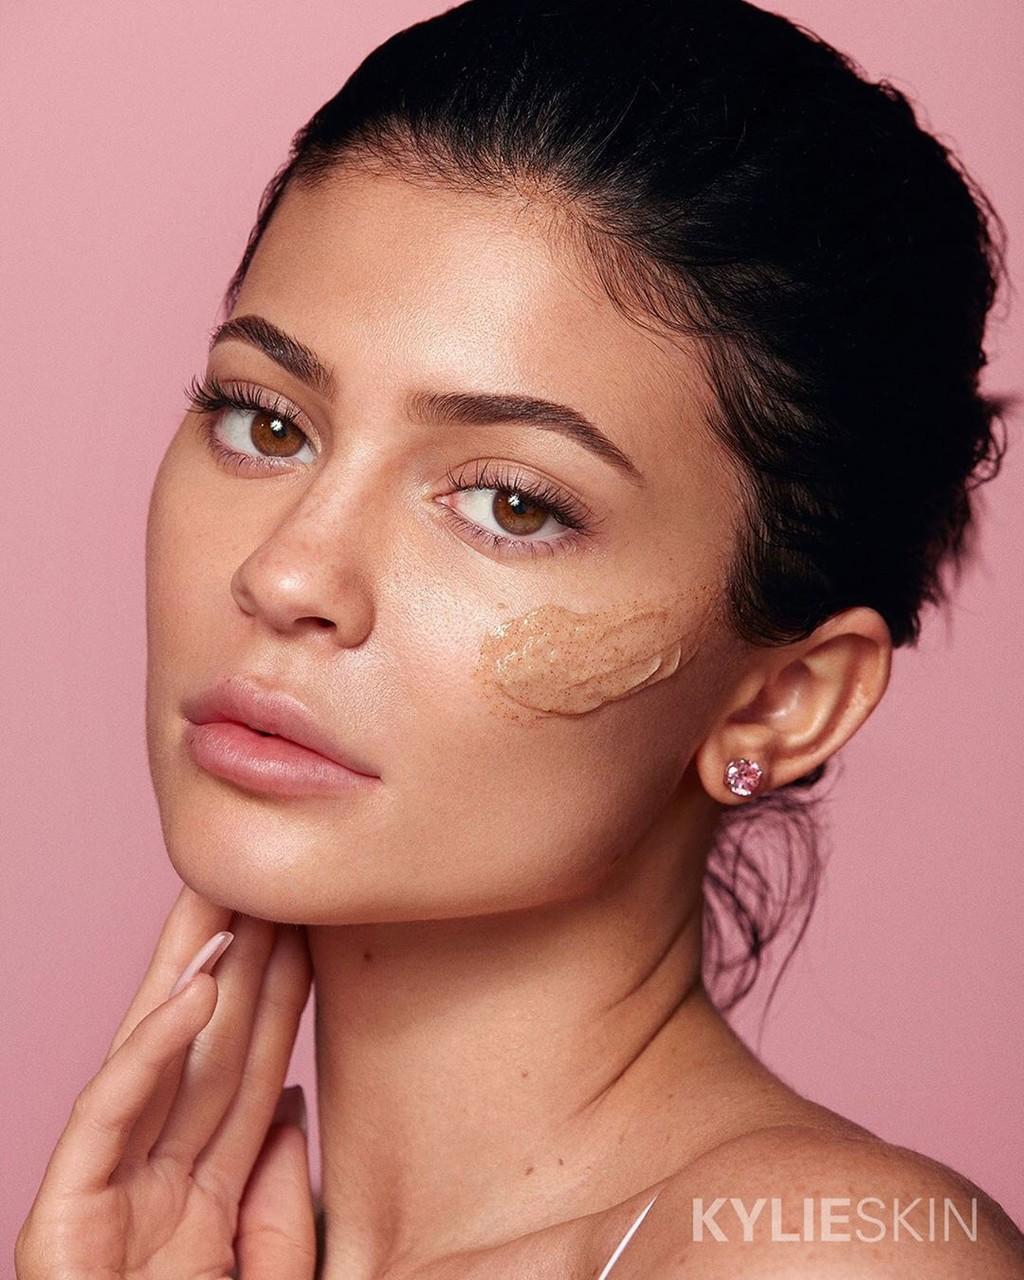 Kylie Skin viene a Douglas: estos son los imprescindibles para continuar la rutina facial de Kylie Jenner